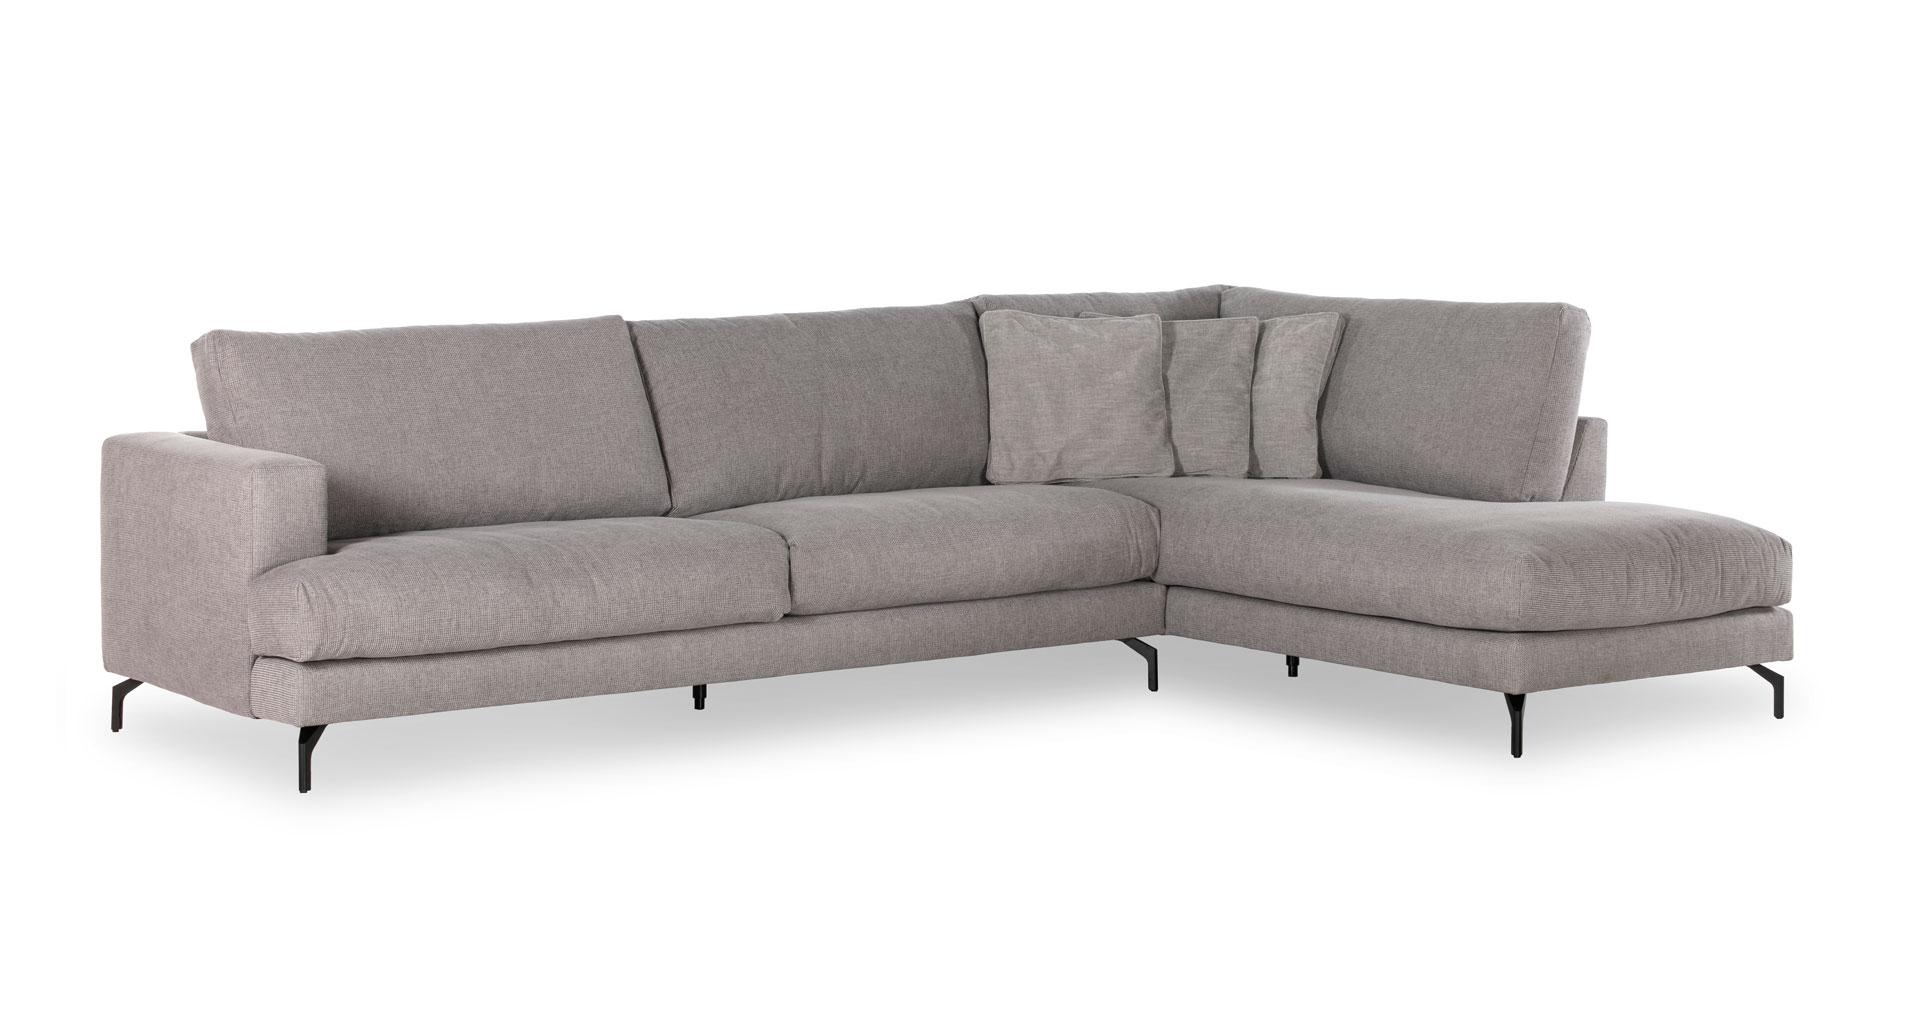 """ספה פינתית לומינור צד ימין 350 ס""""מ בגוון אפור ארומטי"""